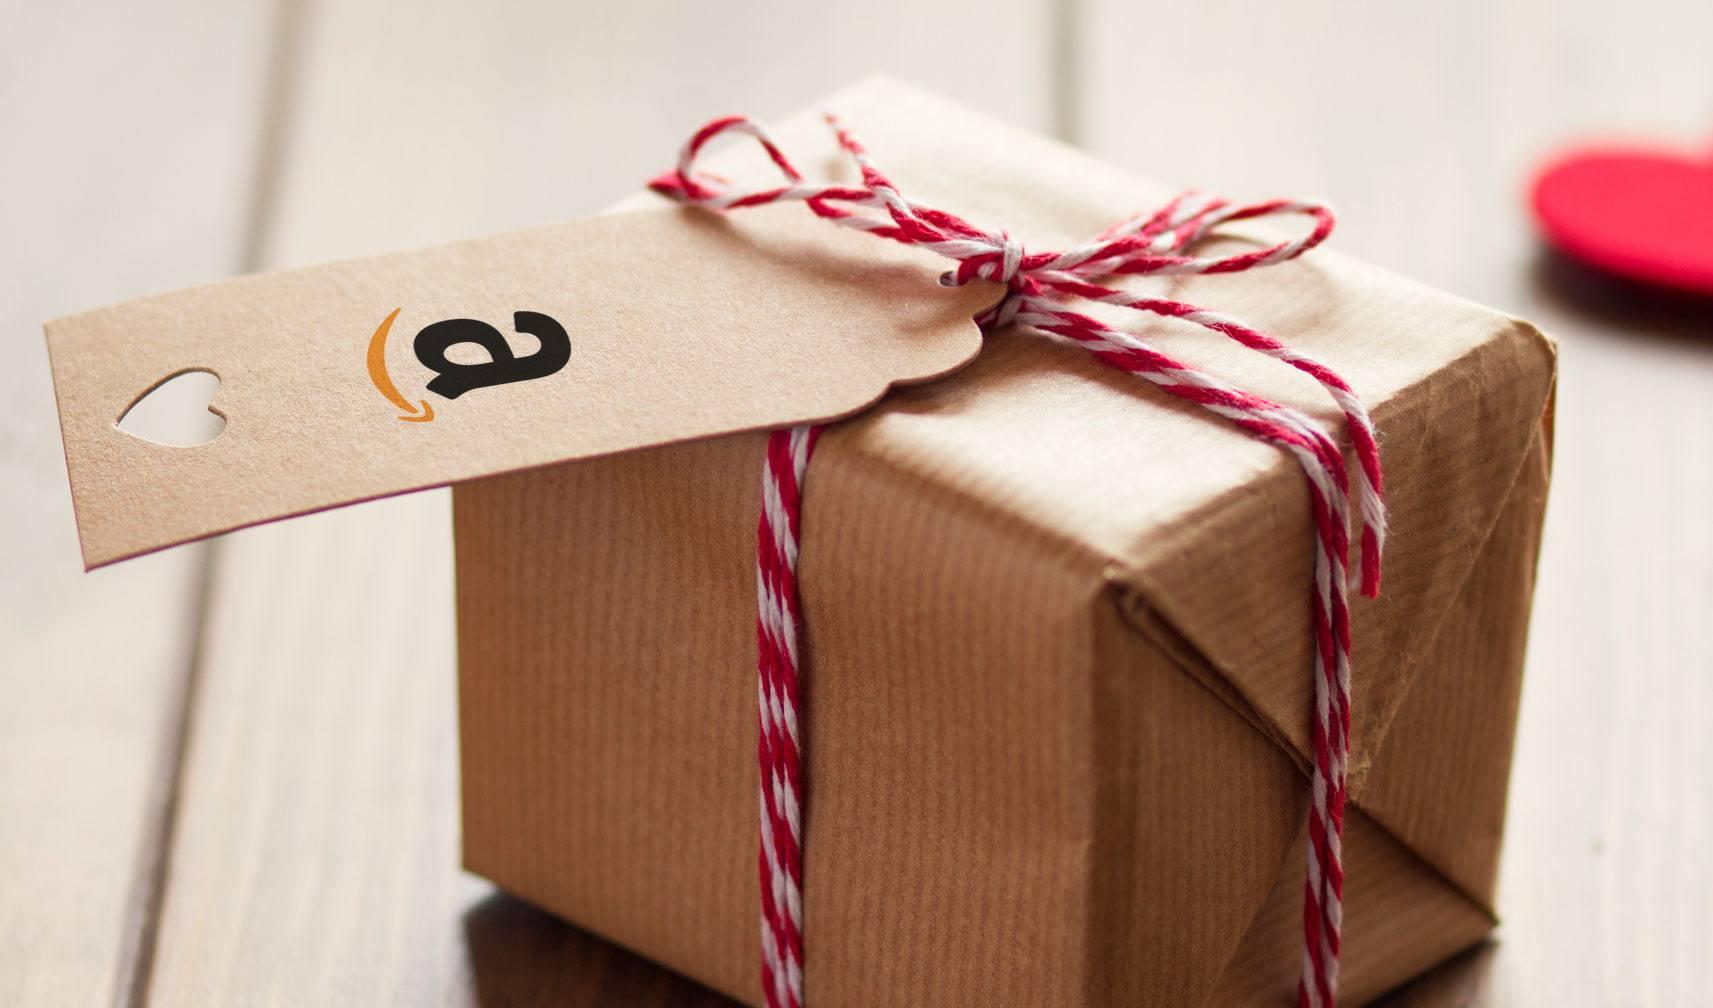 Как отправить подарок ВКонтакте самому себе » 42